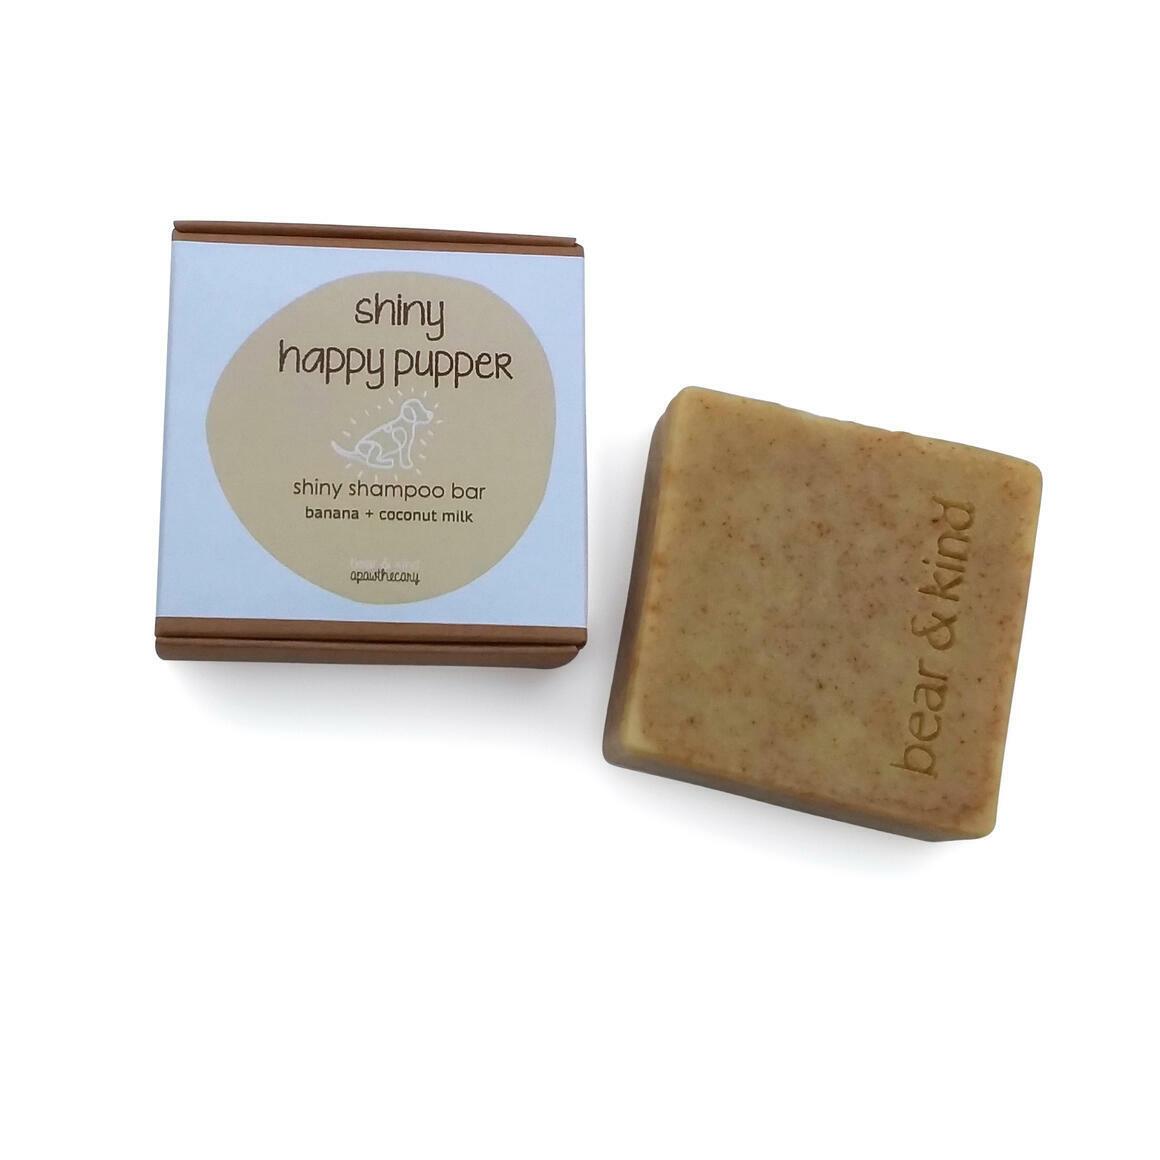 Happy Shiny Pupper Shiny Shampoo Bar | Trada Marketplace